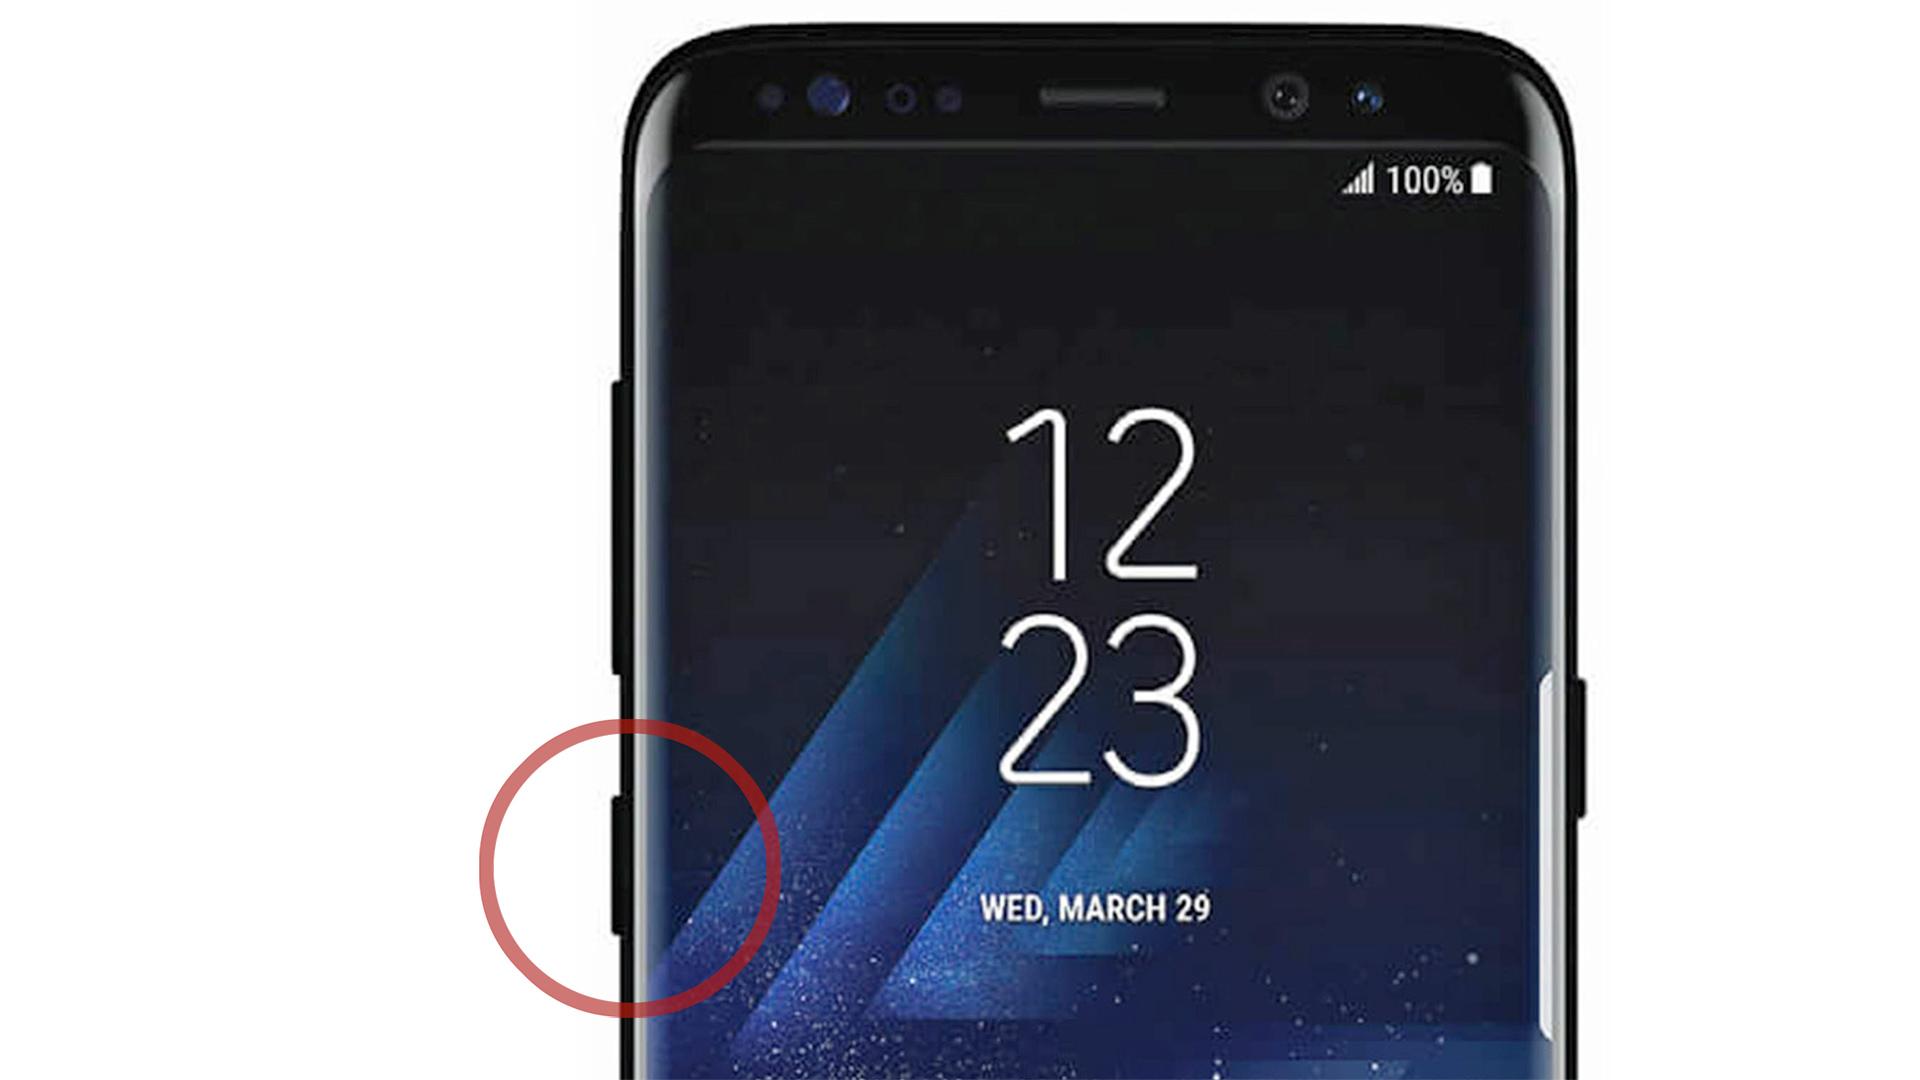 Samsung Galaxy J7 (2017) met 3600 mAh accu vanaf vandaag te koop